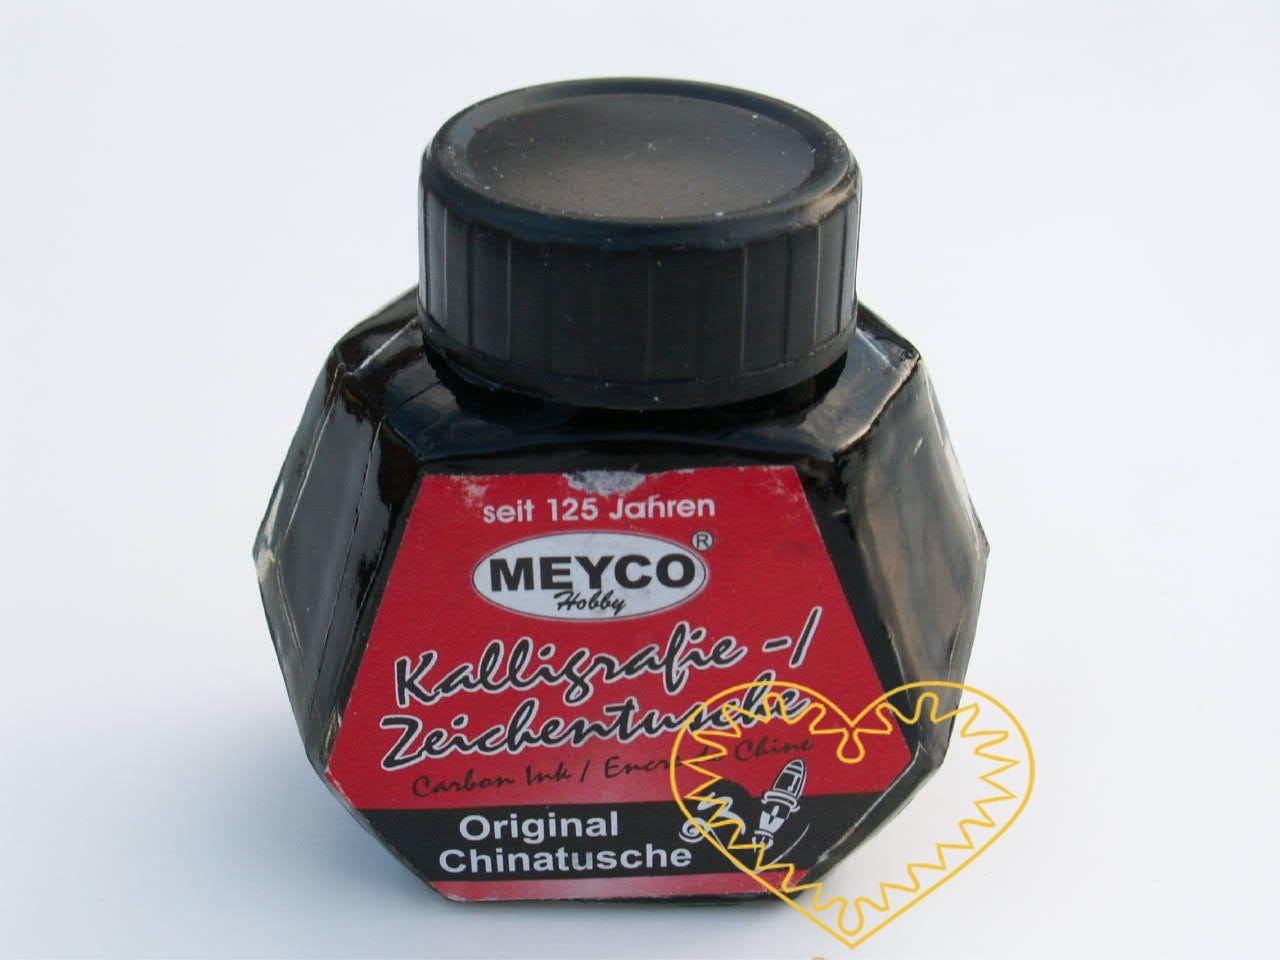 Černý kaligrafický inkoust ve skleněné šroubovací lahvičce 50 ml. Vhodný pro různé grafické techniky a ke kaligrafickému psaní. Před použitím je nutné tuš řádně promíchat.